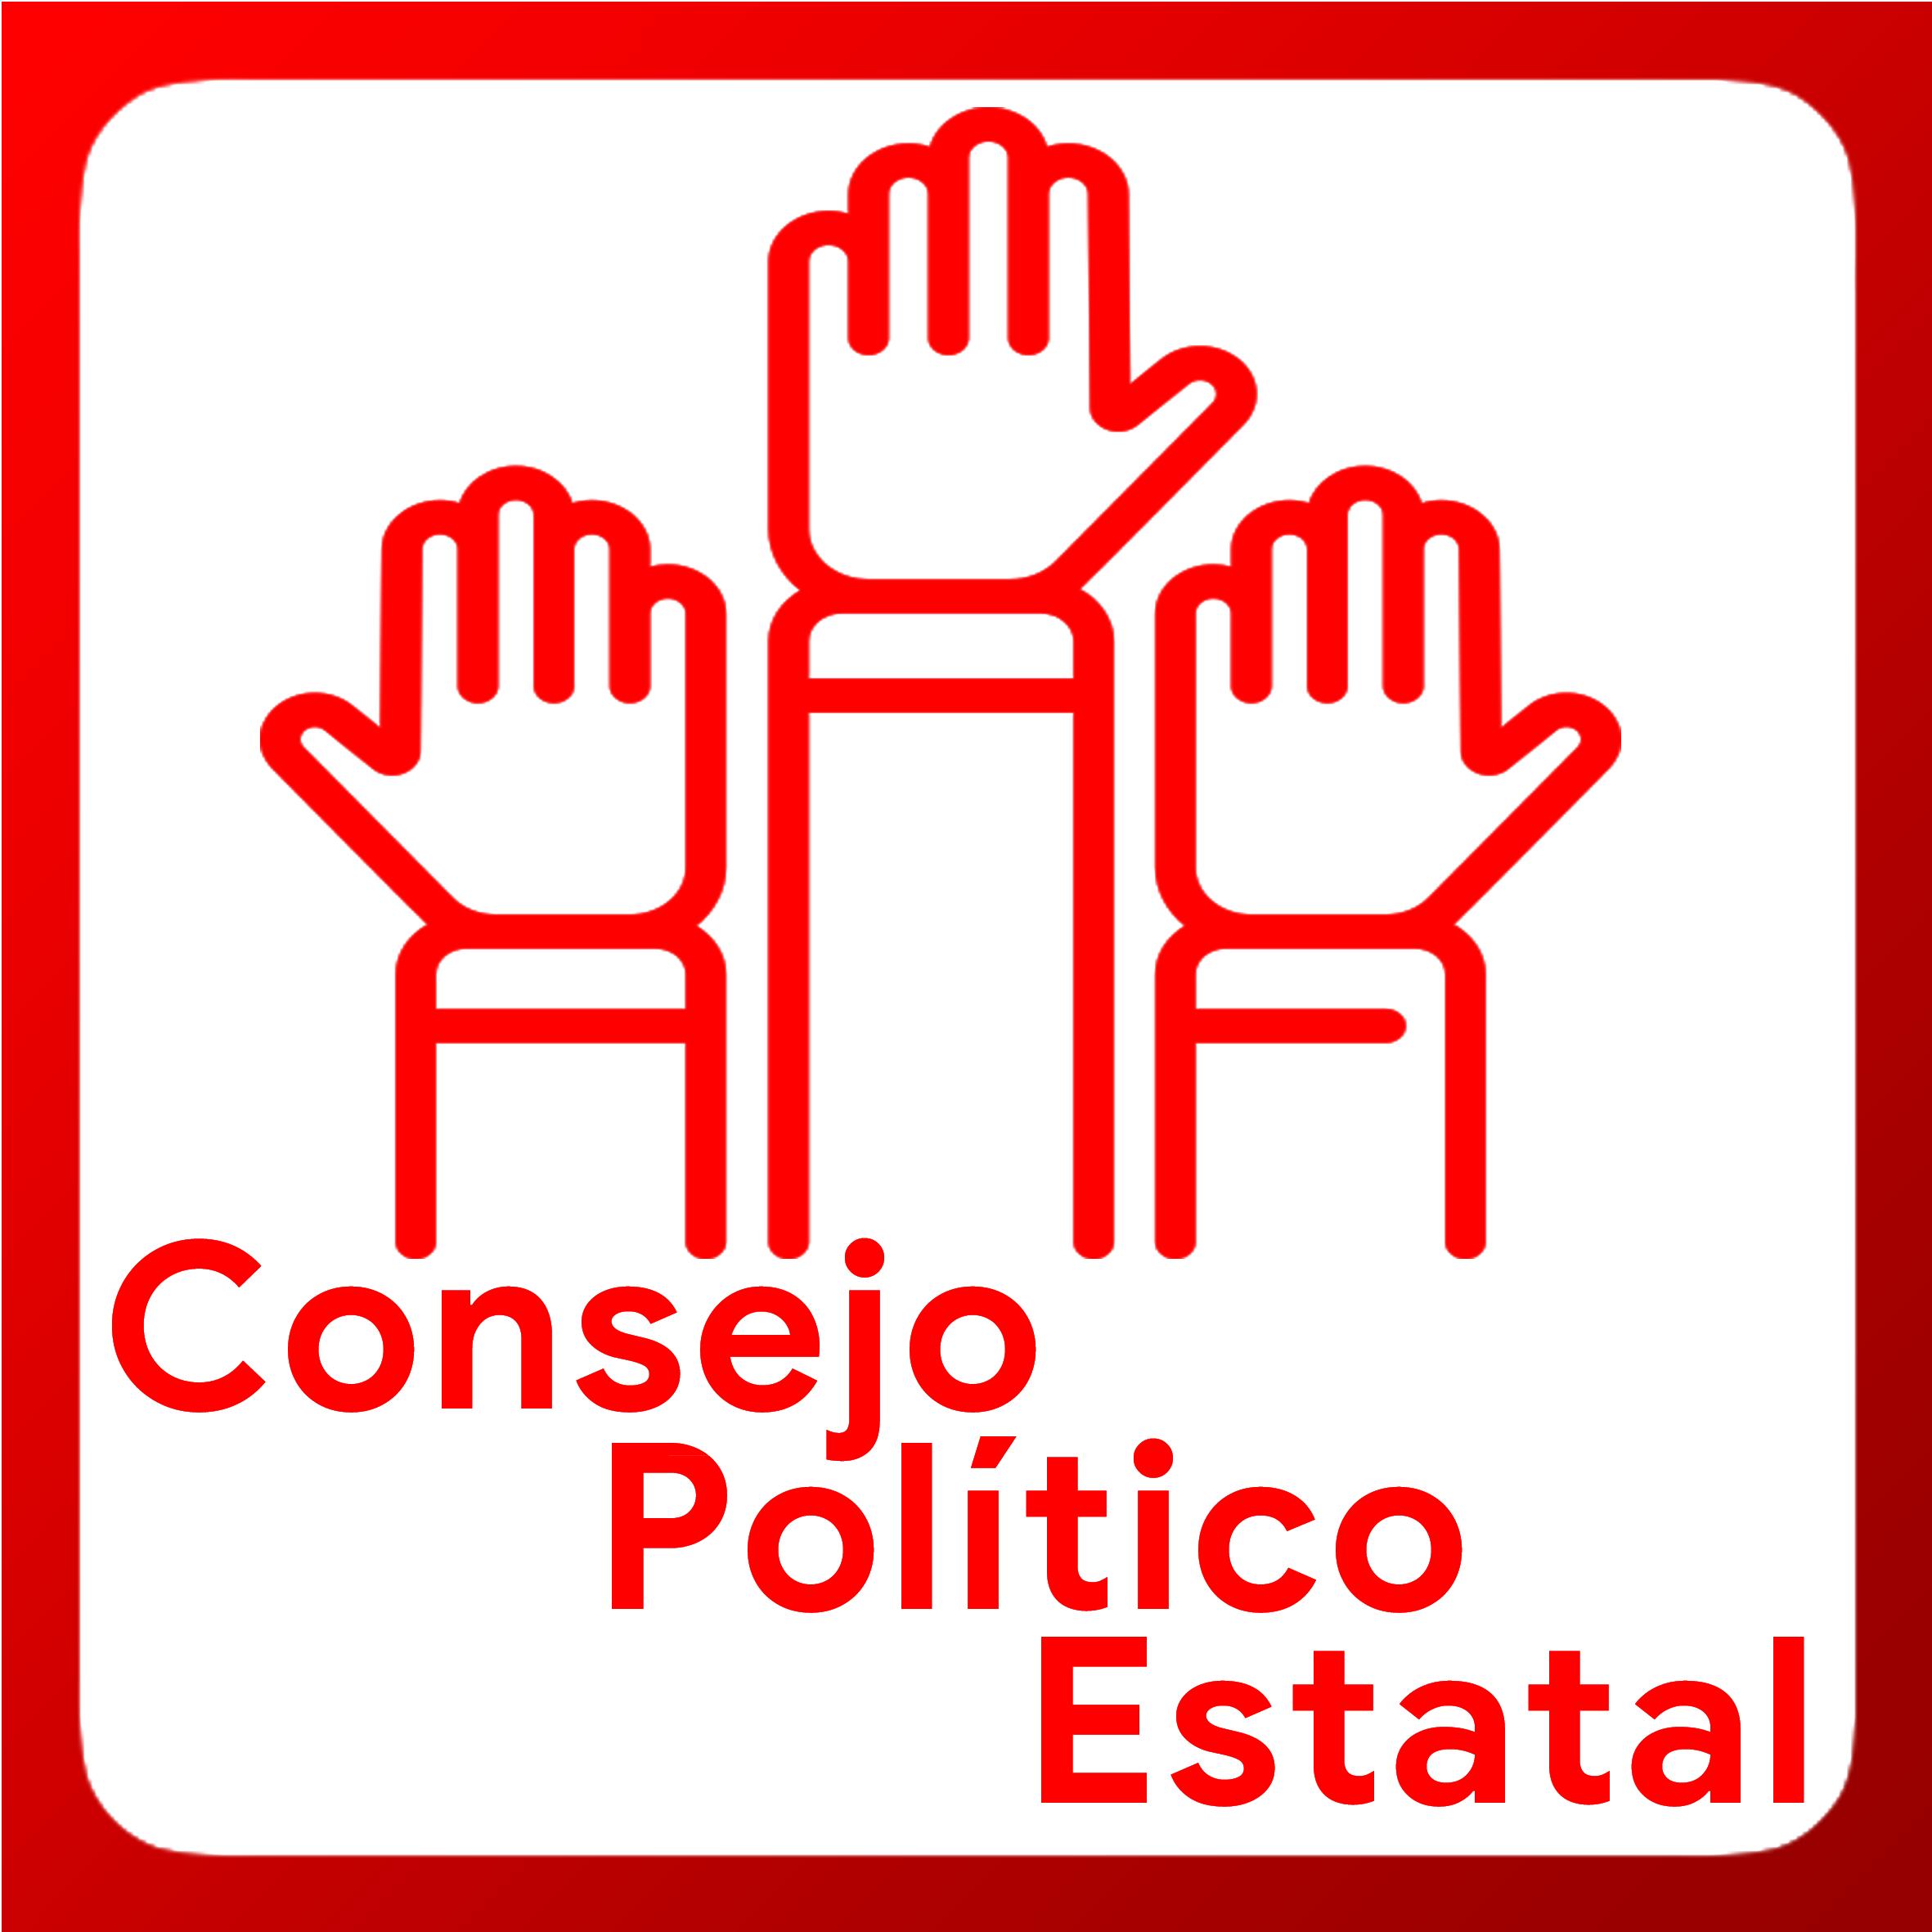 Boton activable de Consejo Politico Estatal